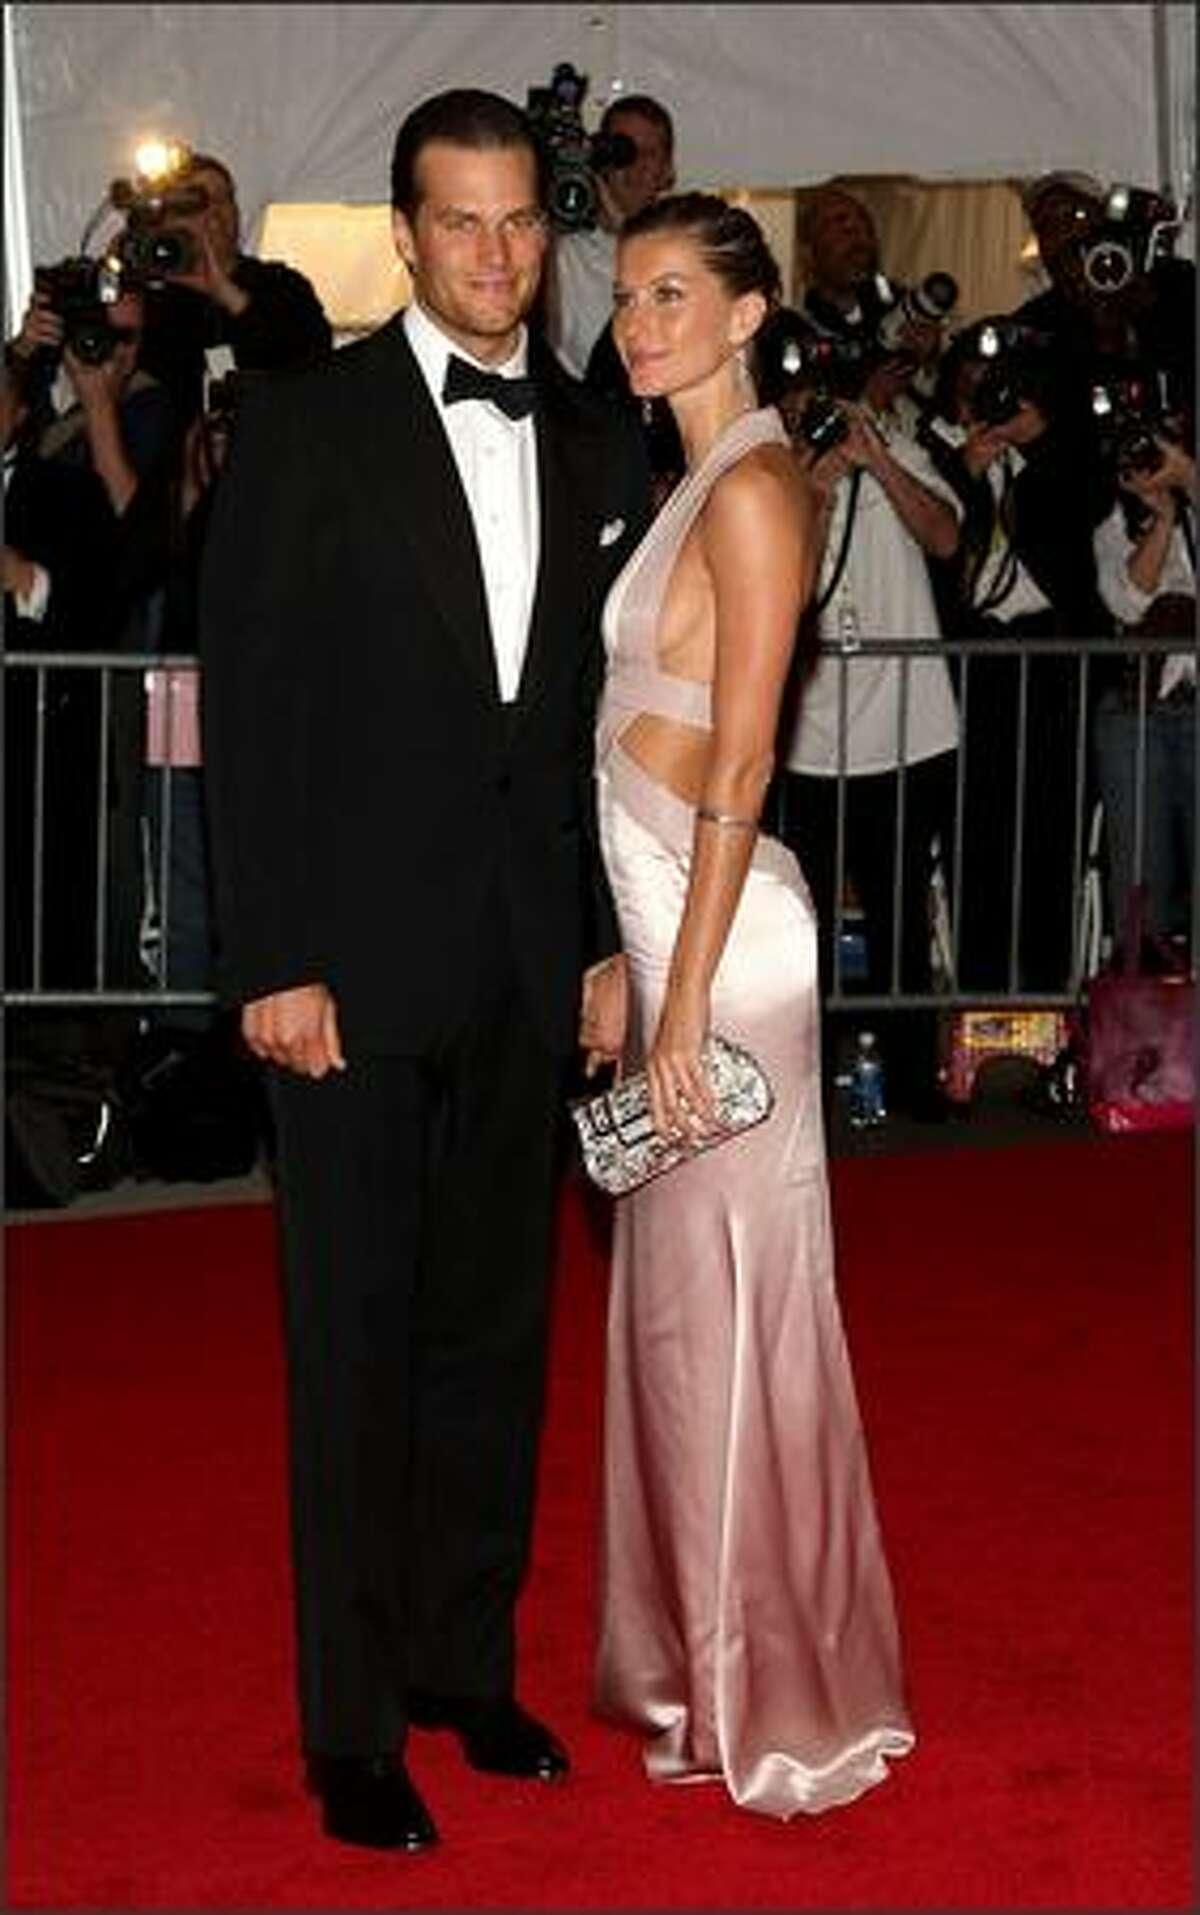 NFL player Tom Brady and model Gisele Bundchen arrive.